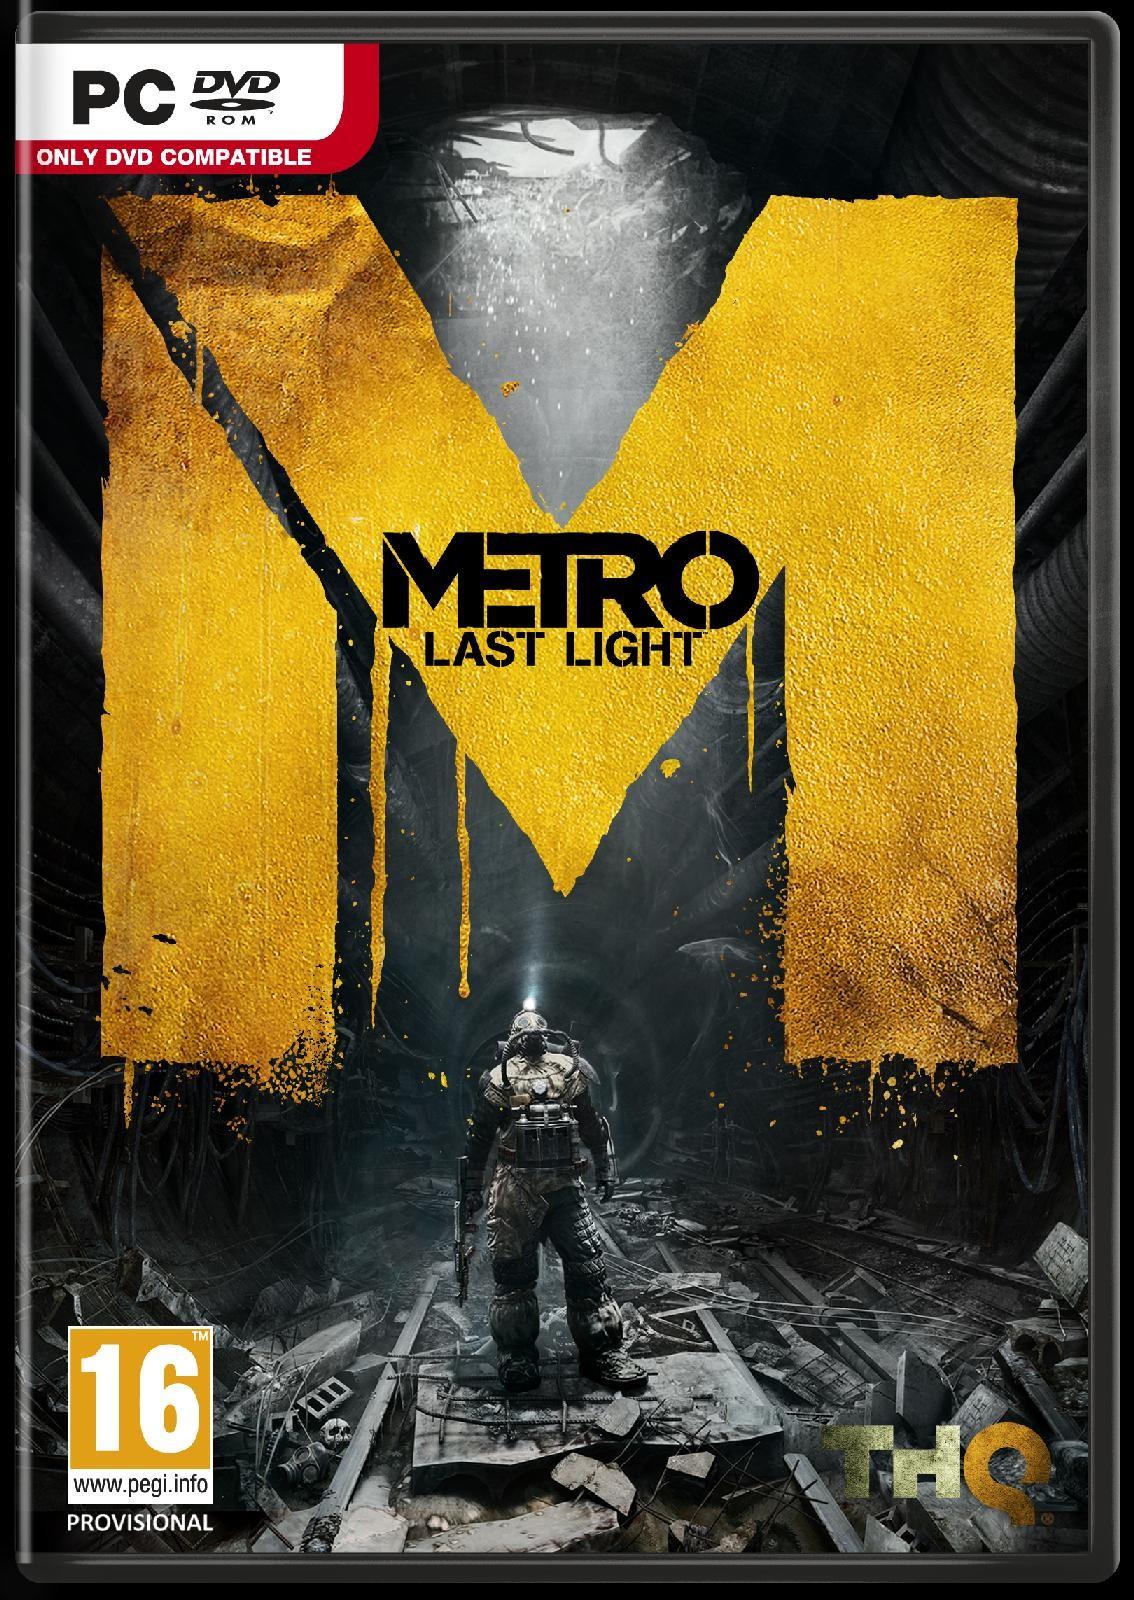 http://i.jeuxactus.com/datas/jeux/m/e/metro-last-light/xl/metro-last-light-jaquet-4fbe5b17776cd.jpg